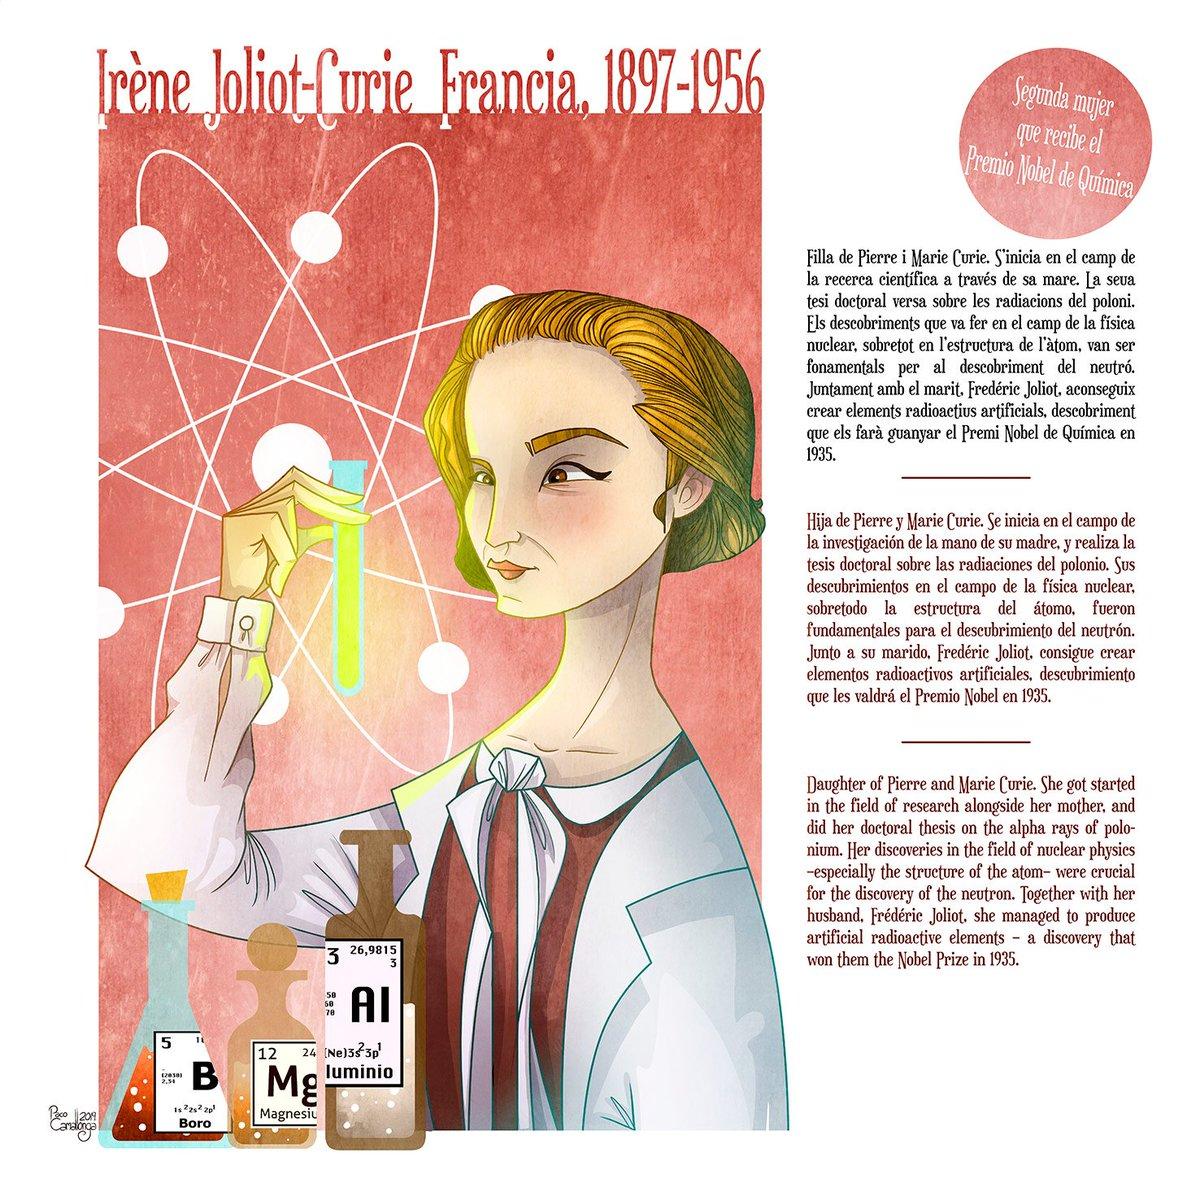 Irene Joliot Curie Francia Ellastienenlafórmula Irene